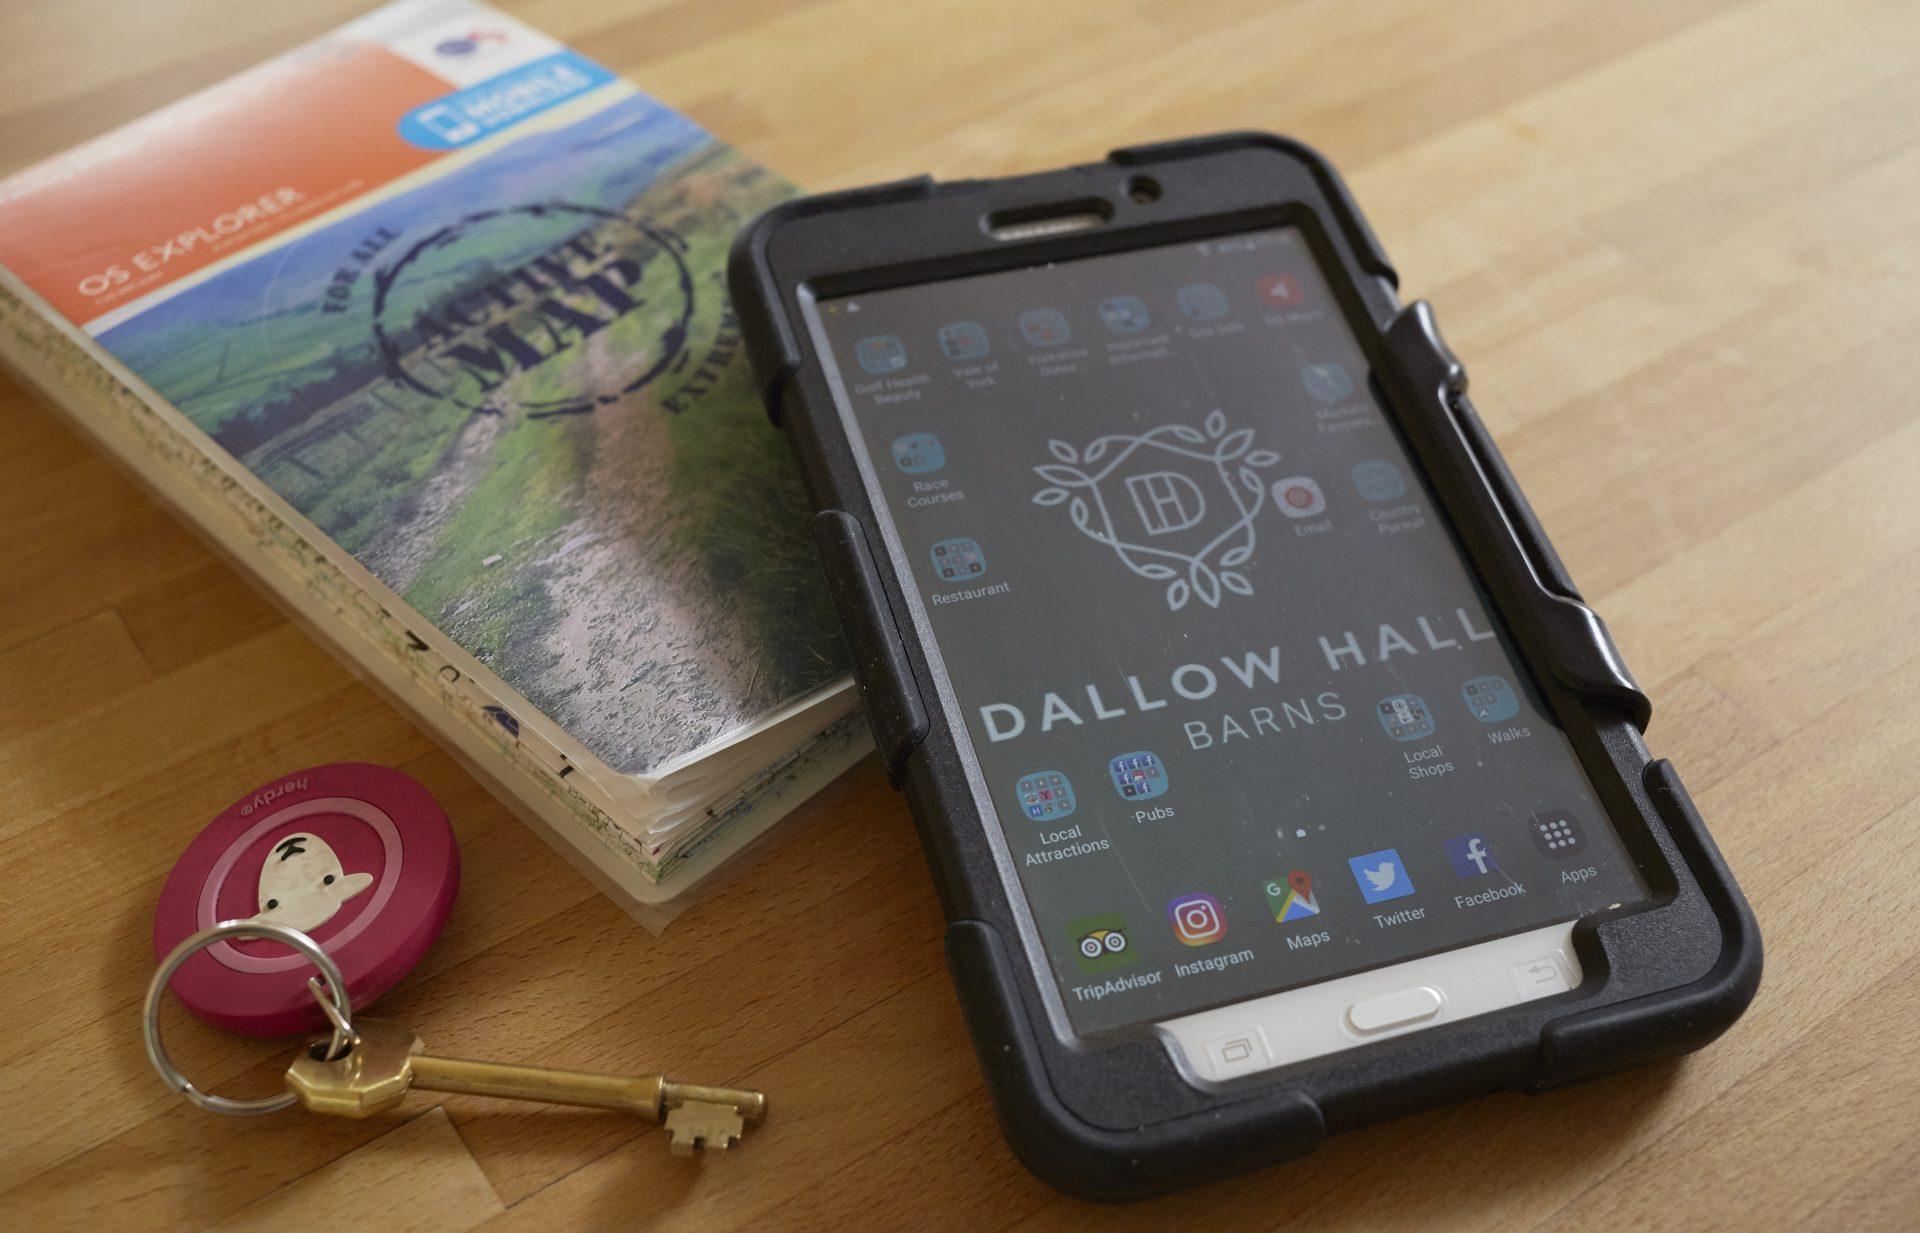 Dallow Hall Barns